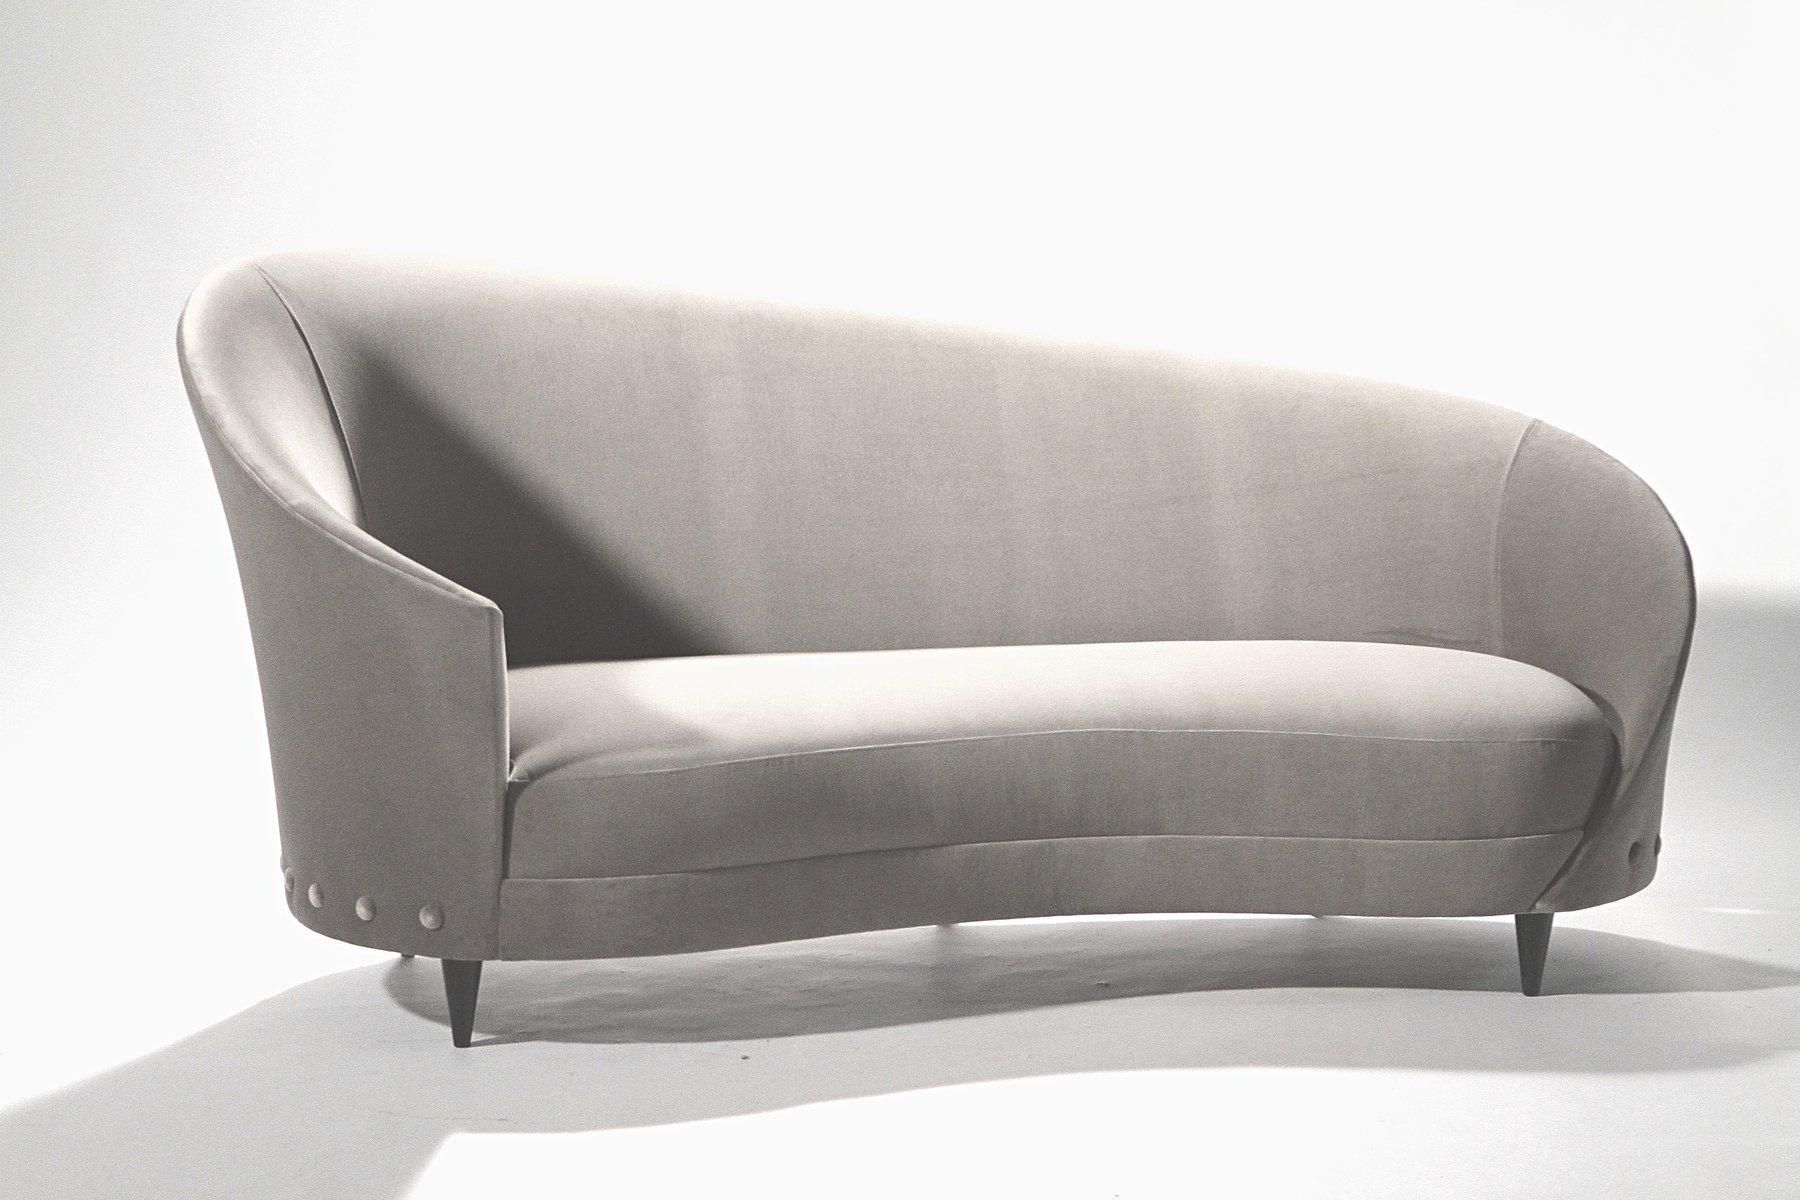 canap m ridienne italie 1960s en vente sur pamono. Black Bedroom Furniture Sets. Home Design Ideas